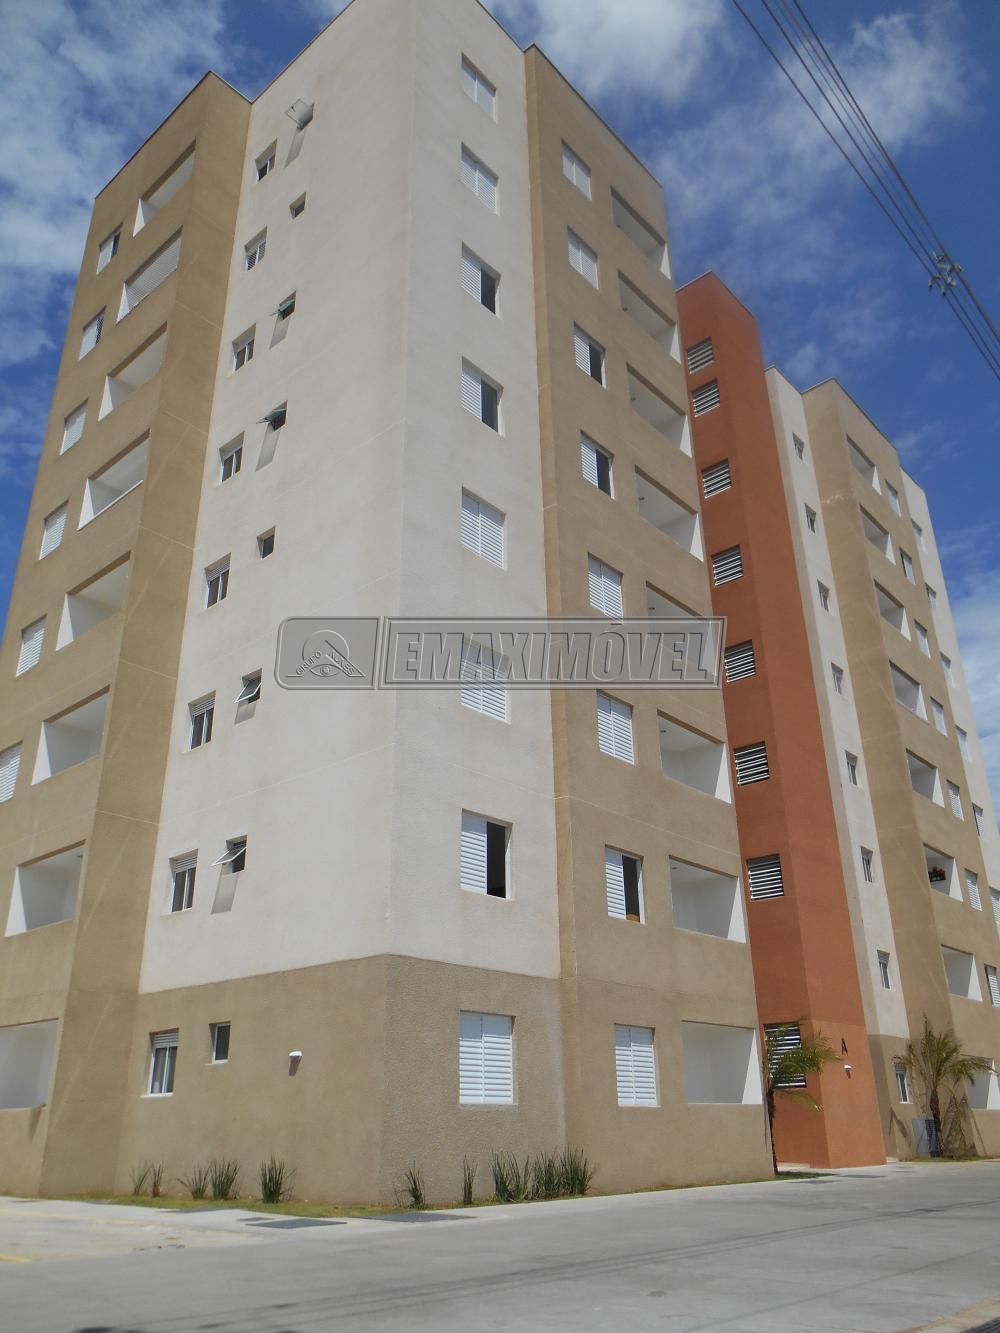 Comprar Apartamentos / Apto Padrão em Sorocaba apenas R$ 215.000,00 - Foto 1